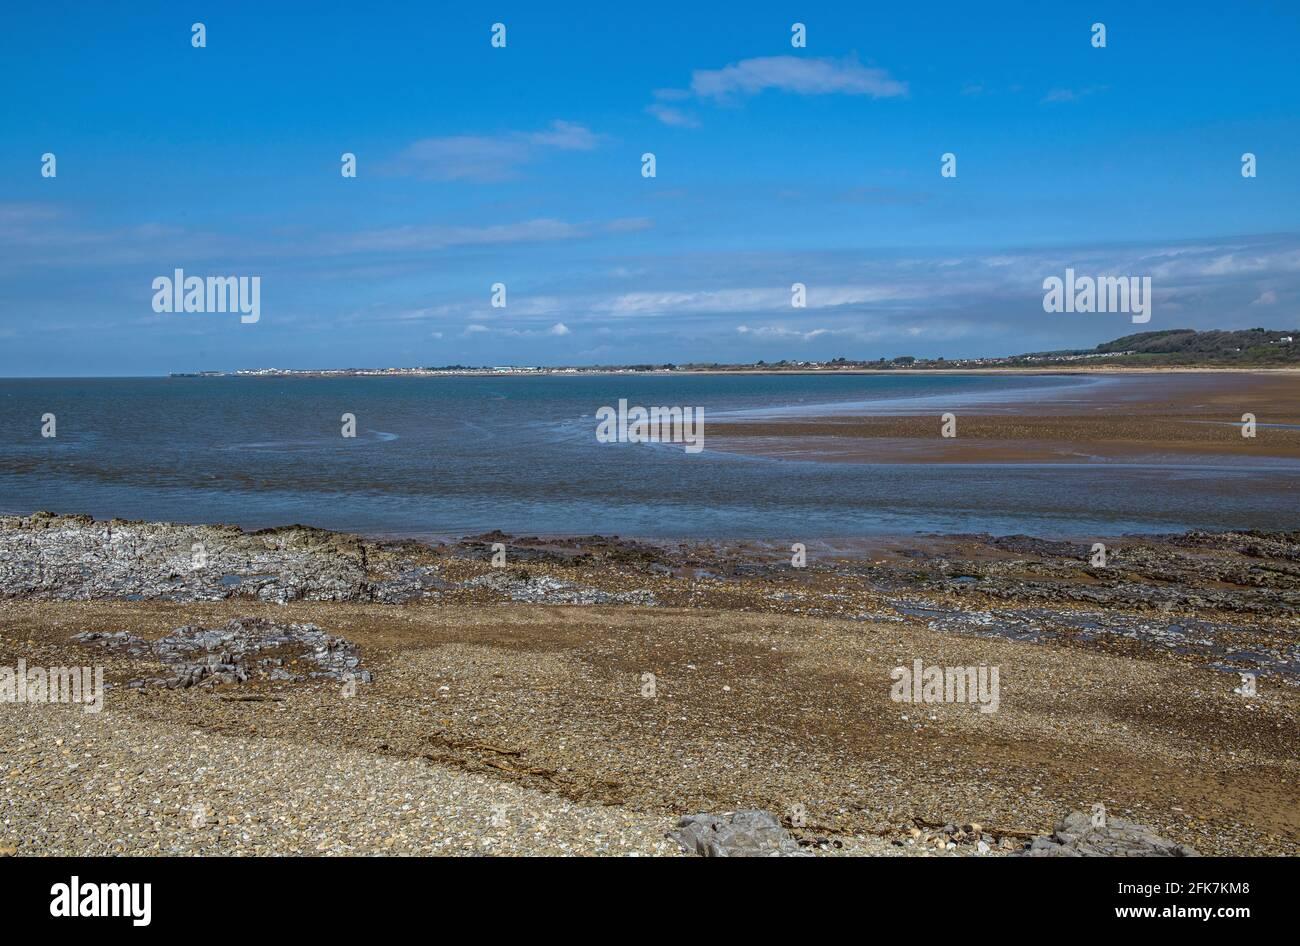 El estuario del río Ogmore, o Afon ogwr, donde se vacía y se llena del canal de Bristol en Ogmore por el mar de Gales del Sur Foto de stock